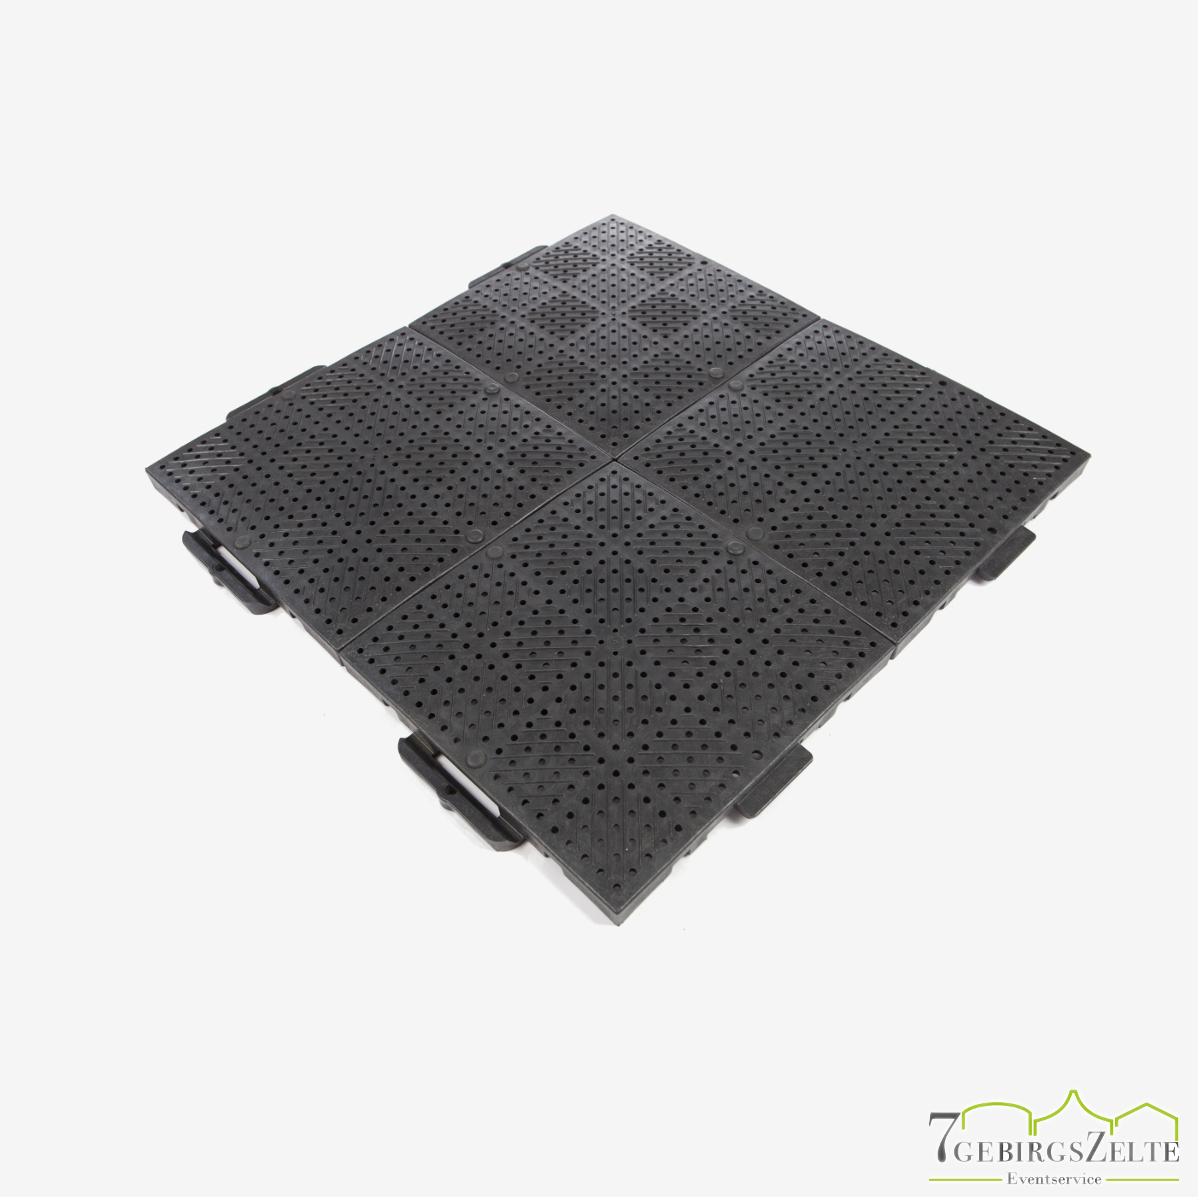 TERRAGUIDE®-Bodenschutzplatte 0,25 m² schwarz